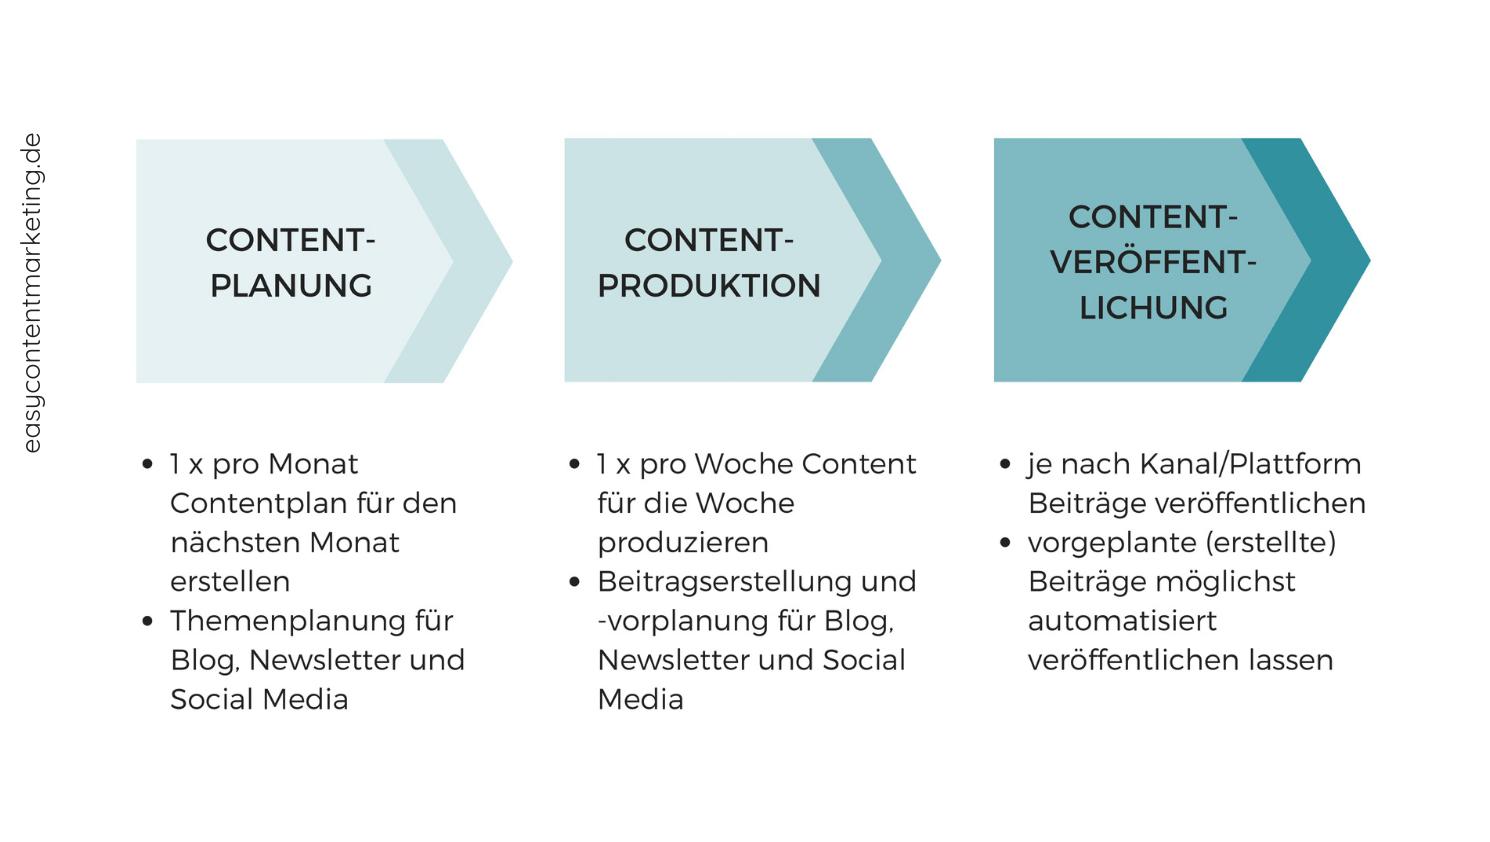 Infografik zu den 3 Elementen eines erfolgreichen Content-Workflows